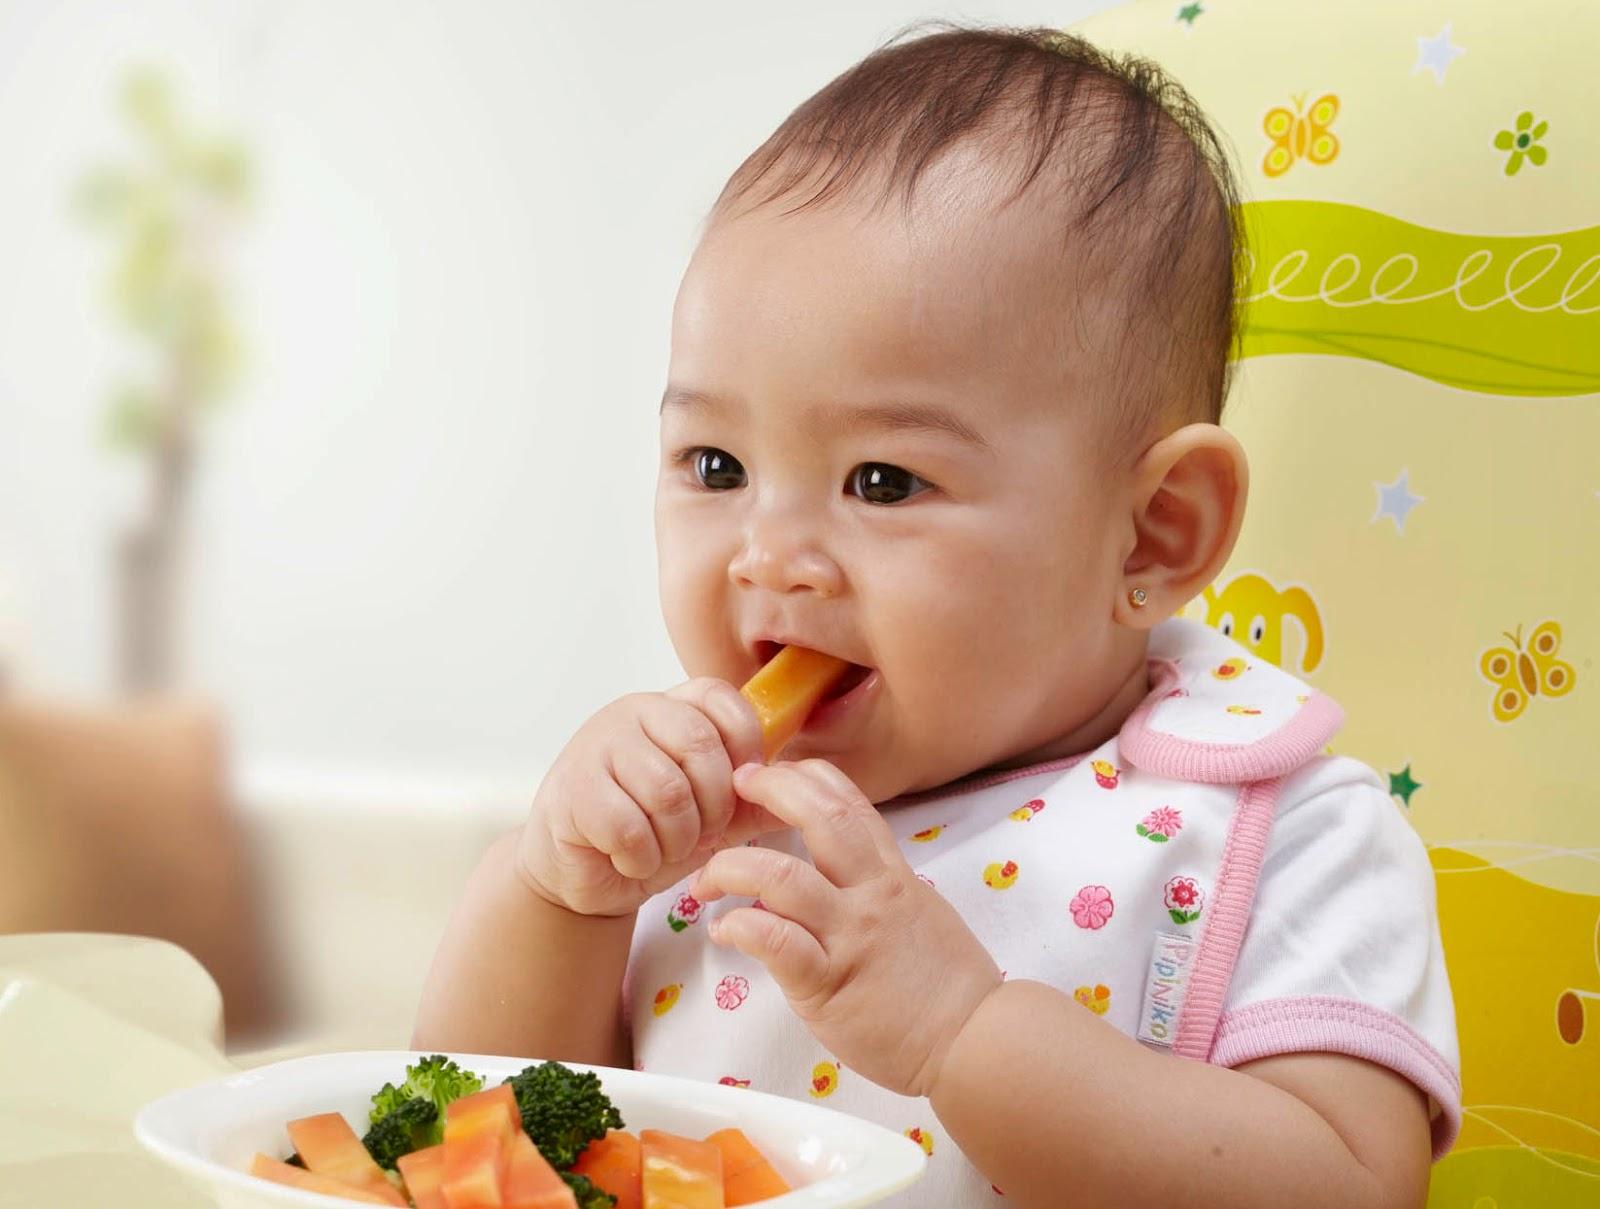 Gratis gambar bayi sehat dan lucu